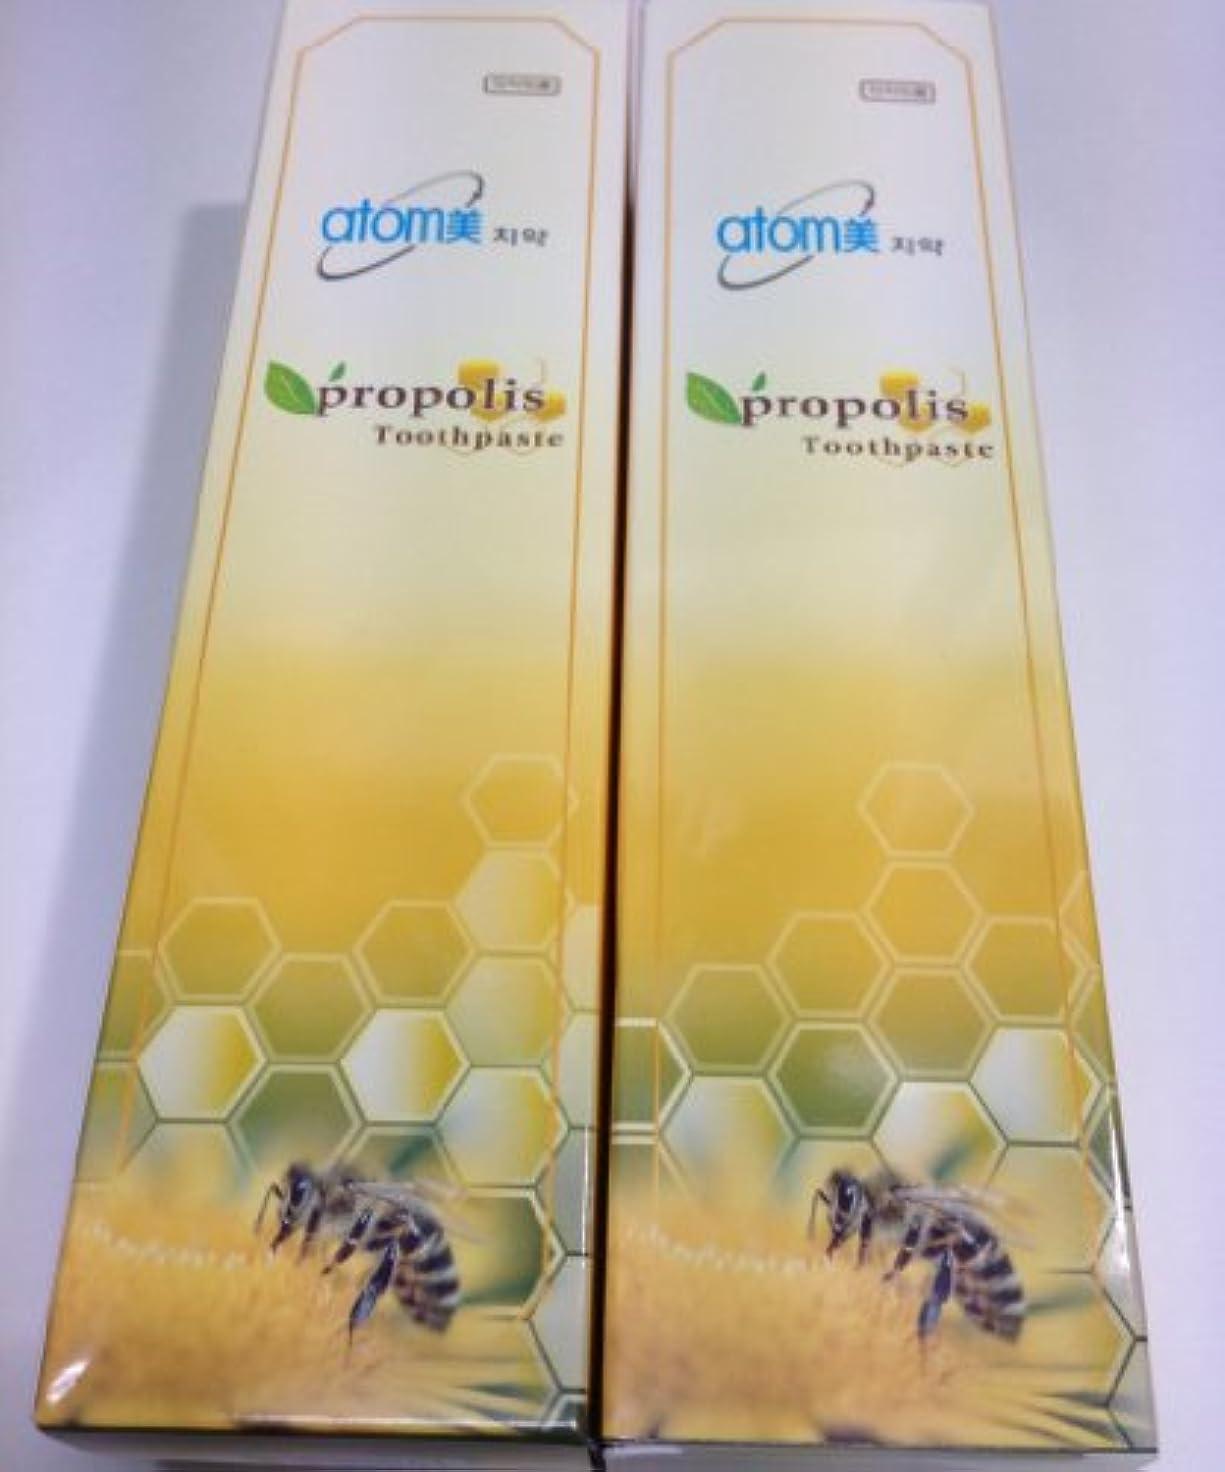 キャストオーバーフロー階層アトミ化粧品 アトミ 歯ミガキ (歯磨き粉) 200g 2本セット 並行輸入品